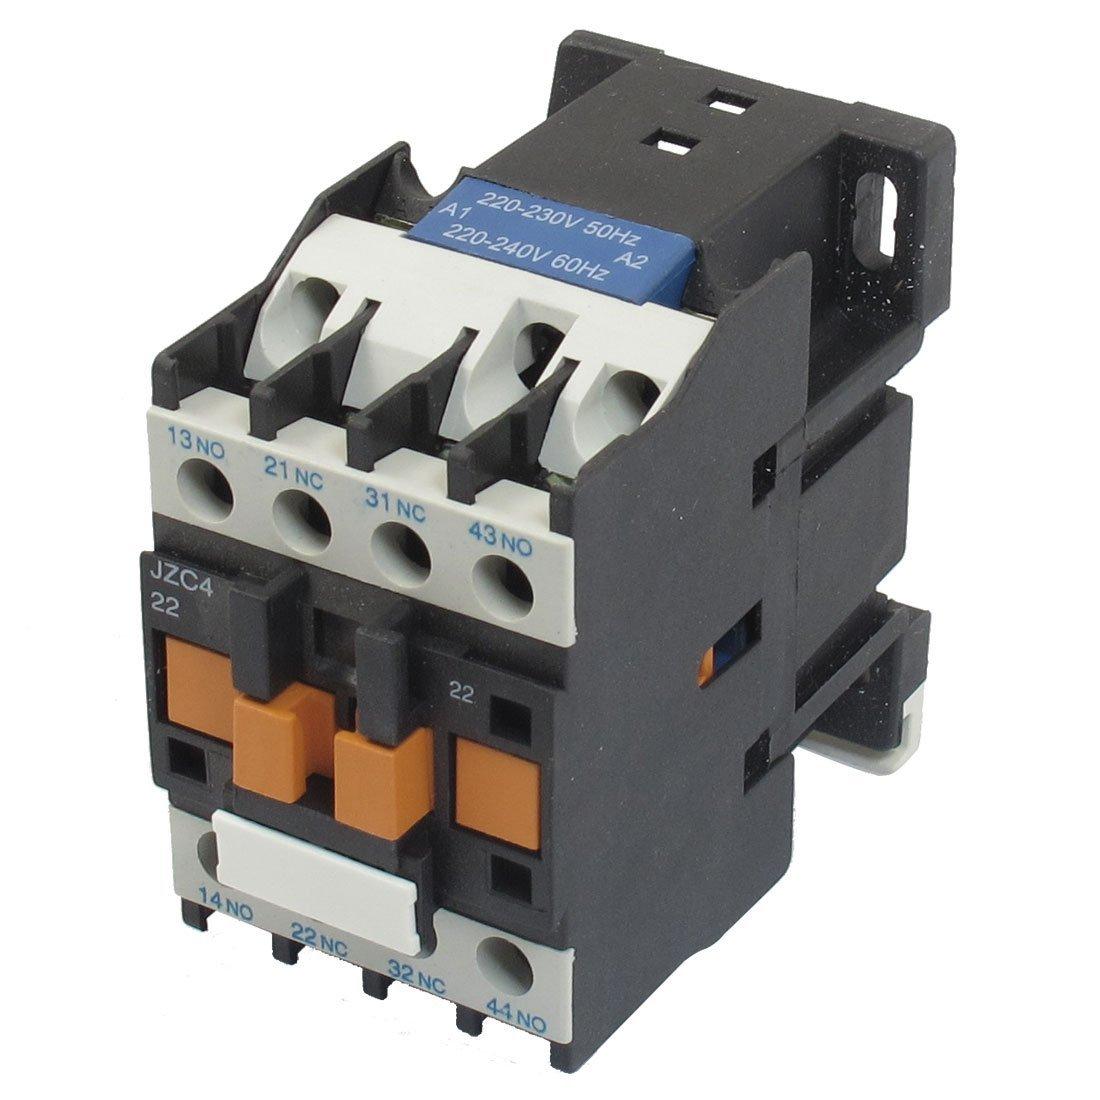 цена на JZC4-22 220-240V 50/60Hz Coil 20A 2P Three Pole 2NO 2NC AC Contactor